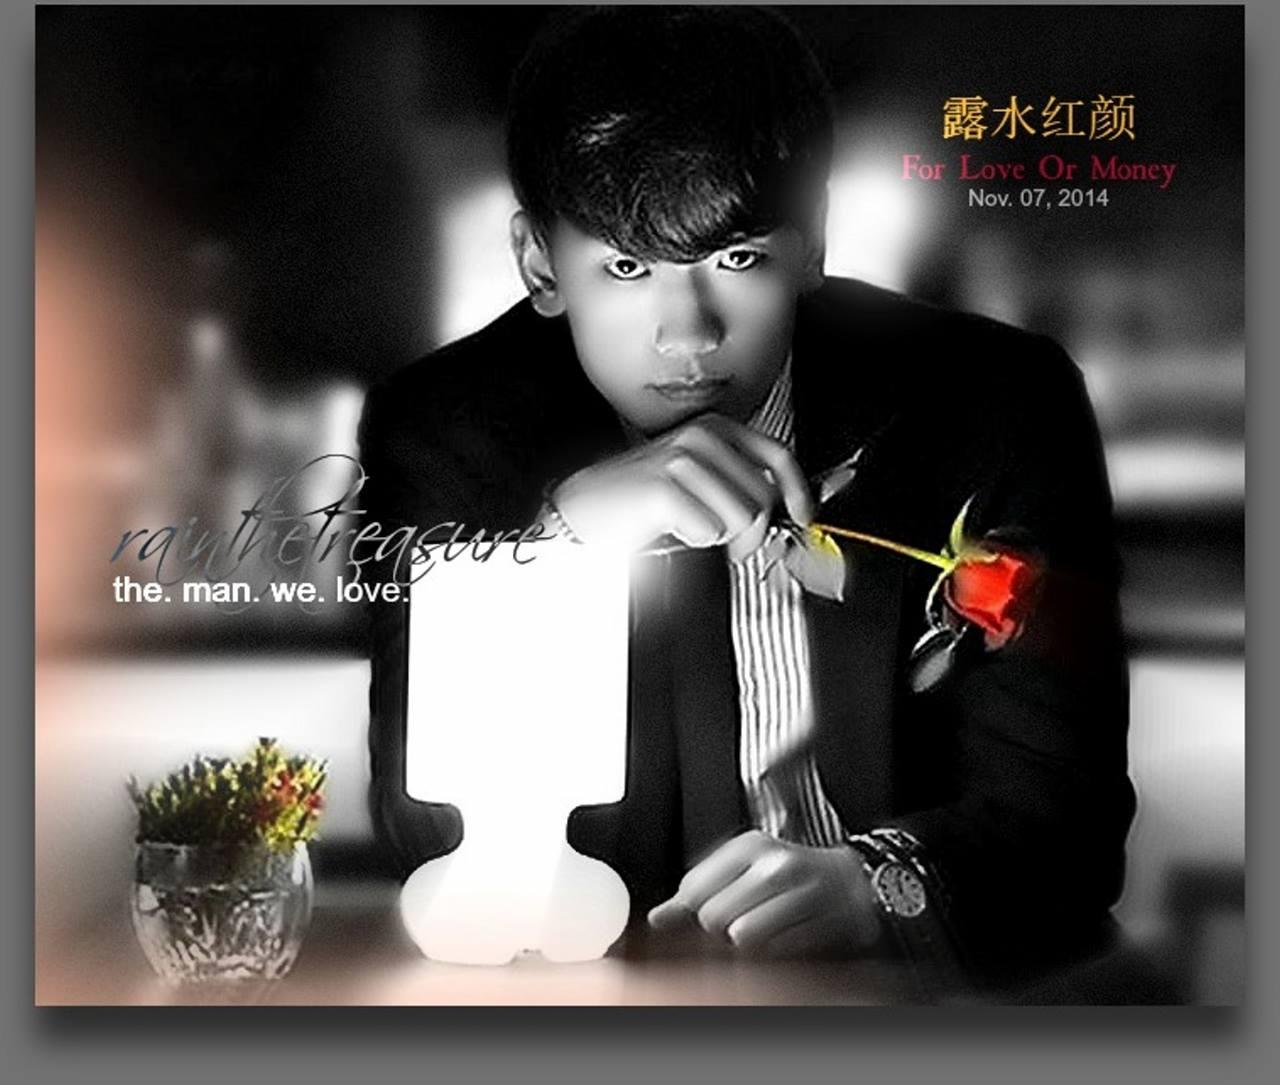 Rain 中国映画 露水紅顔 予告 これだけ見せていいのかしら_c0047605_23581886.jpg